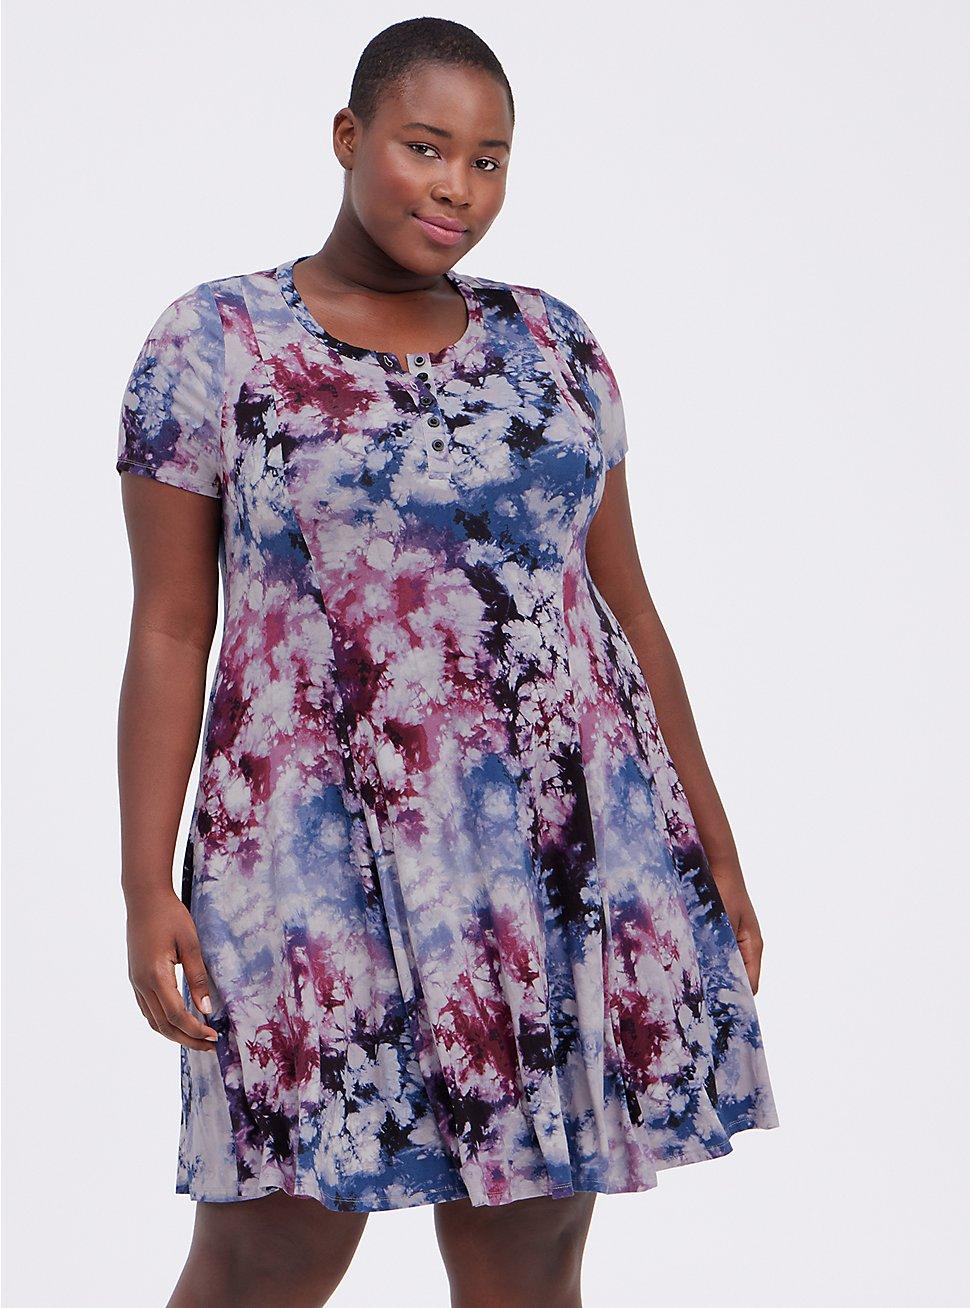 Henley Fit & Flare Dress - Super Soft Tie-Dye Multi , TIE DYE, hi-res